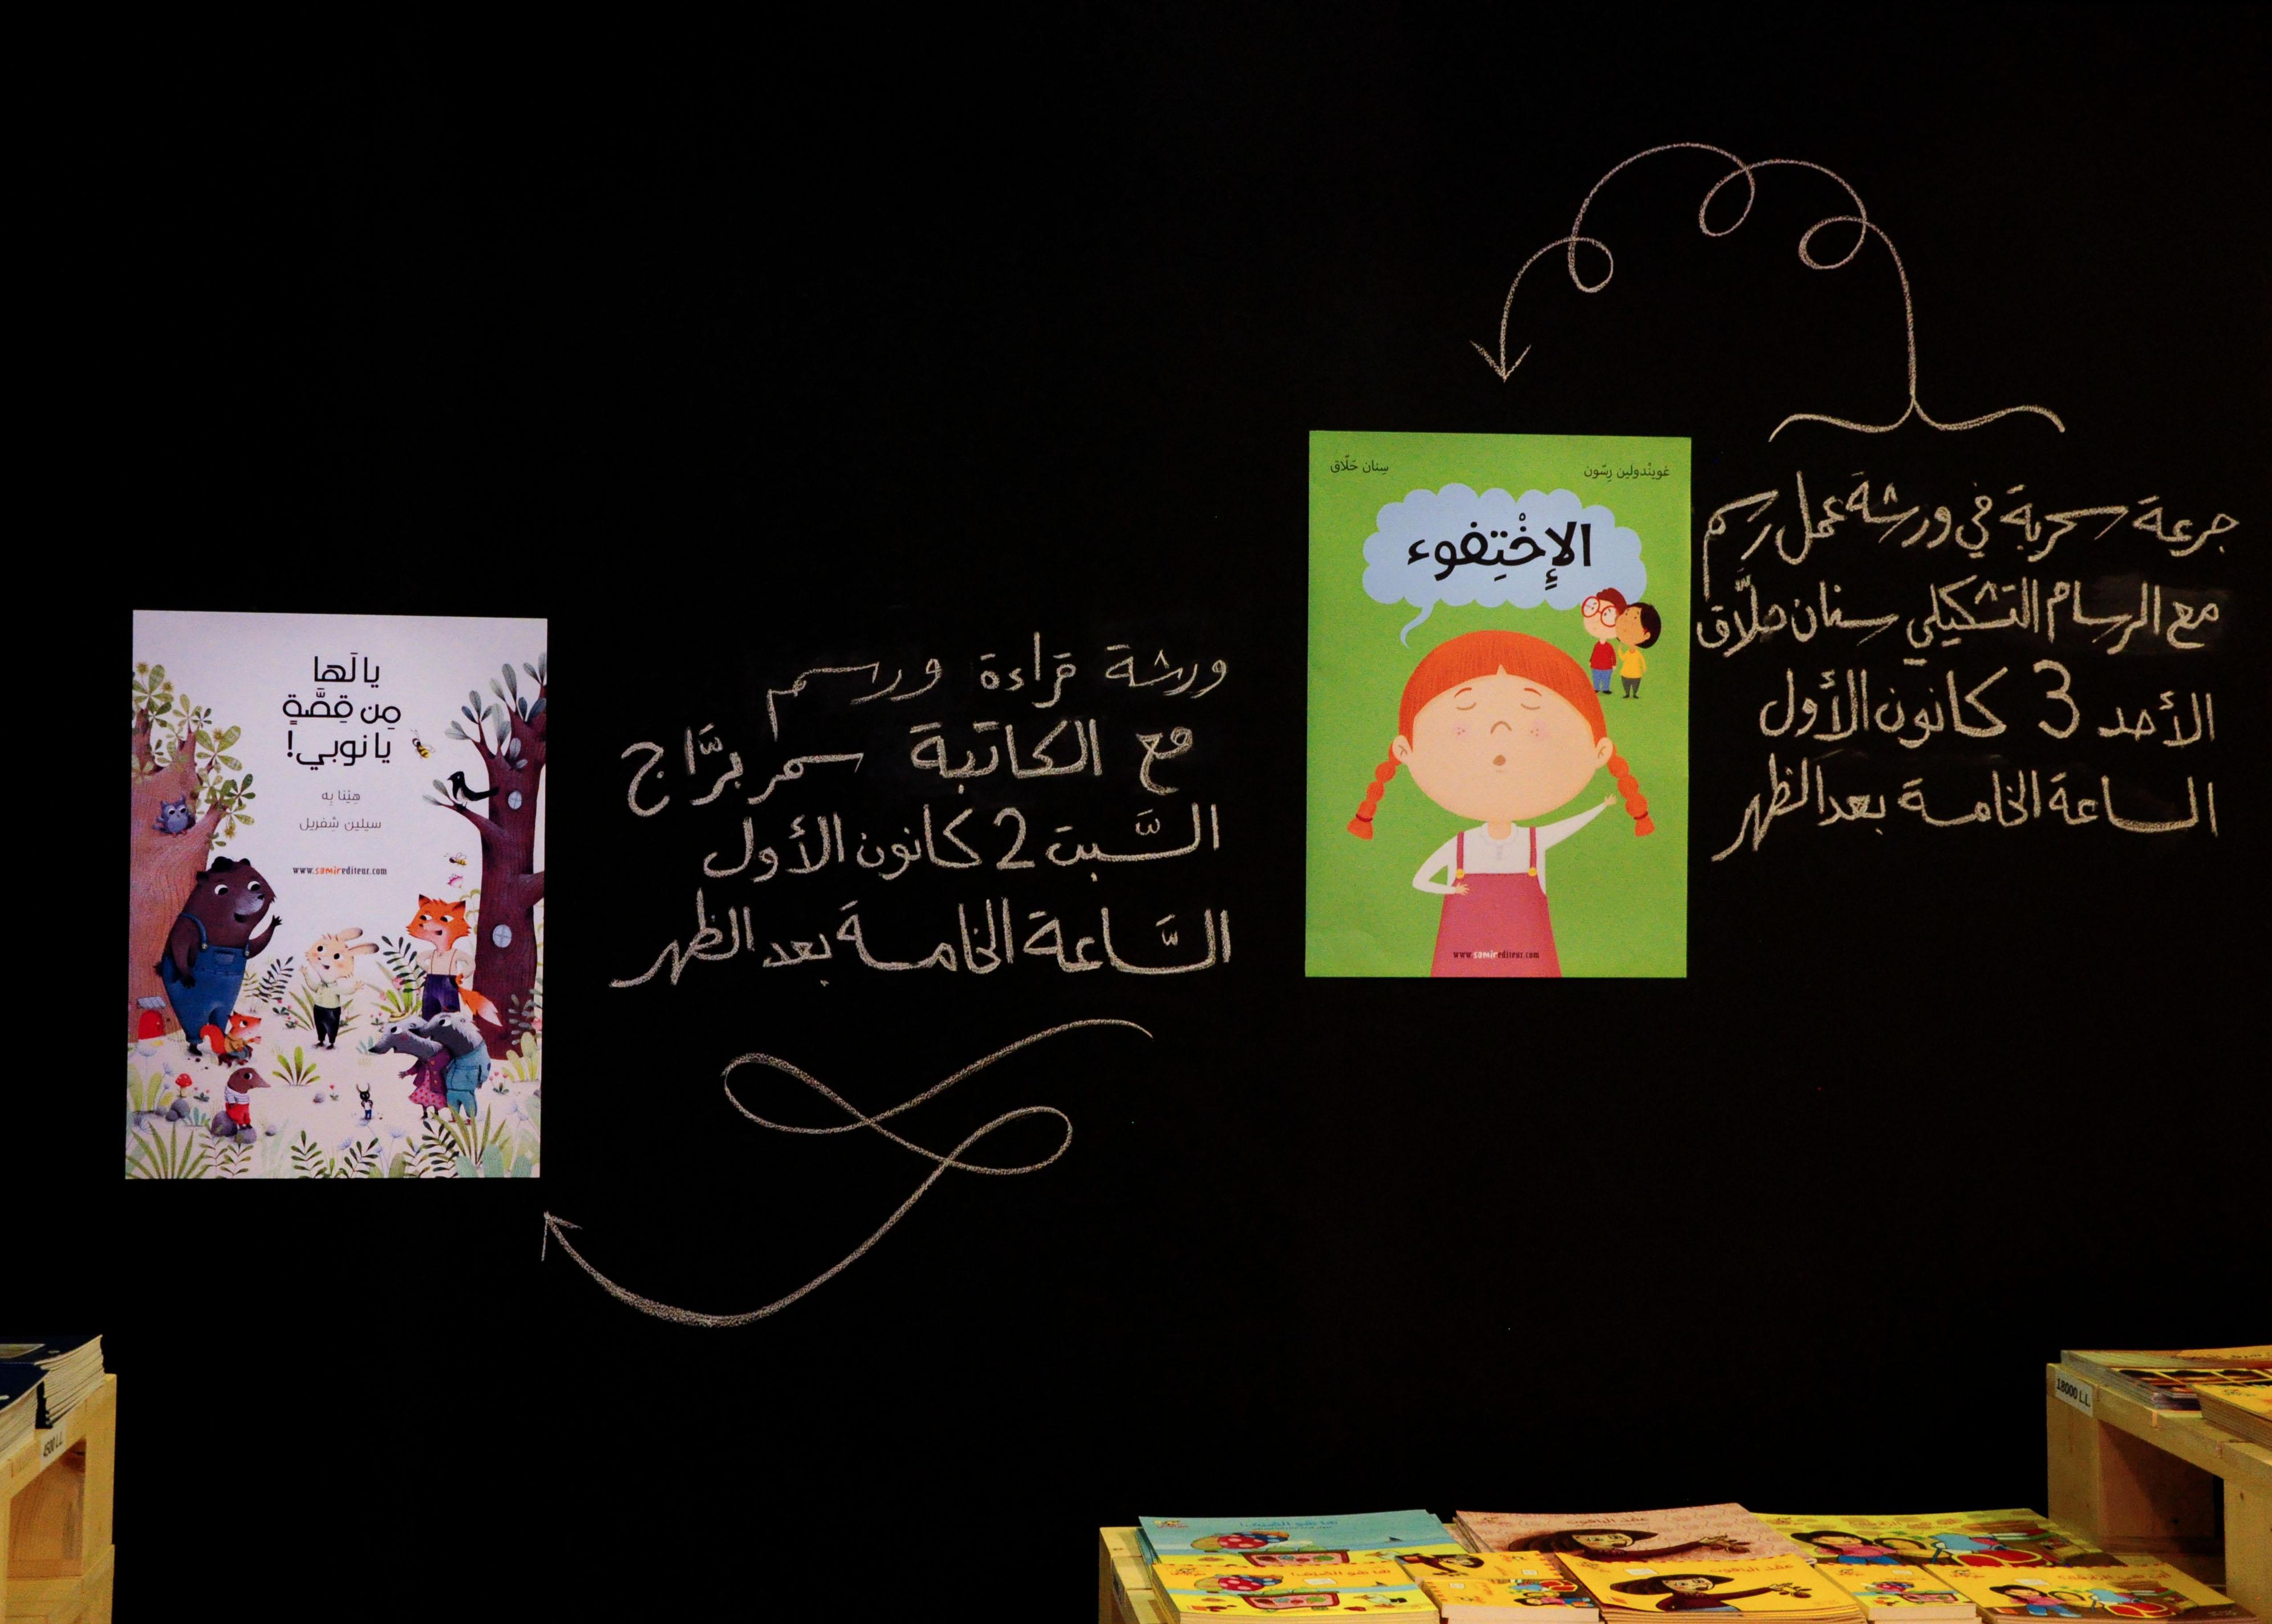 Salon du livre arabe de beyrouth 2017 samir diteur for Salon du livre 2017 montreuil